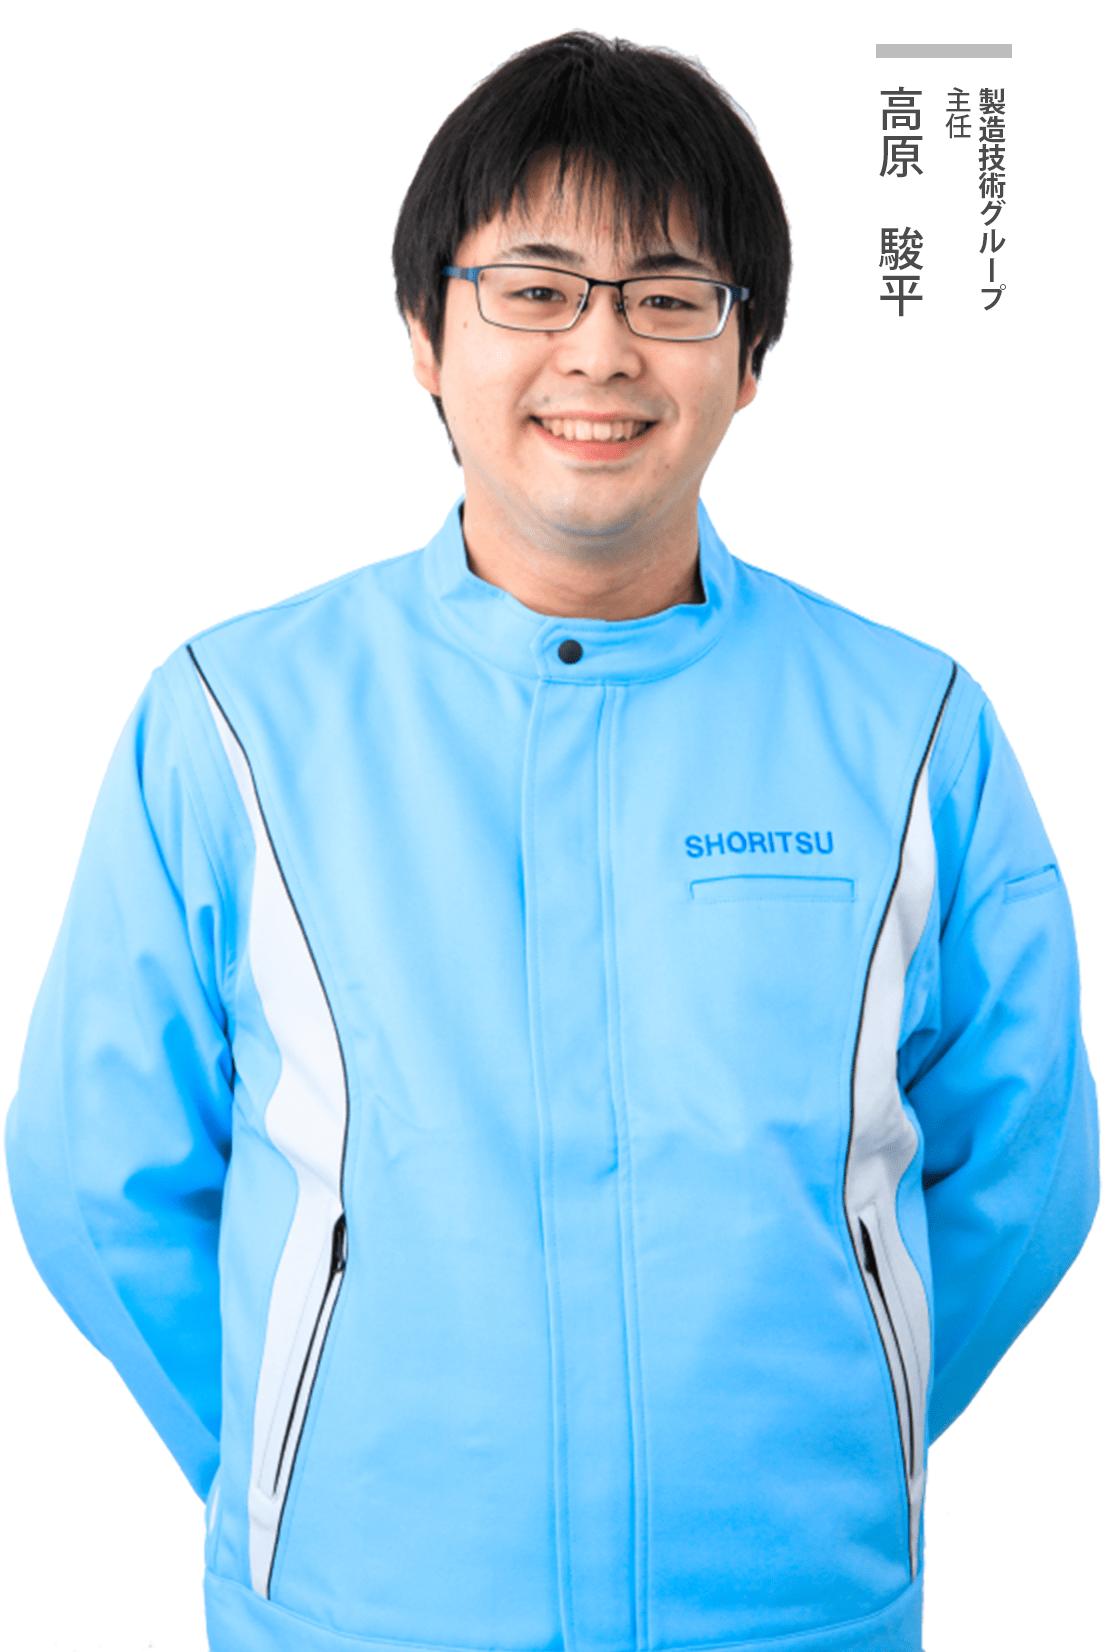 製造主任グループ主任 高原駿平